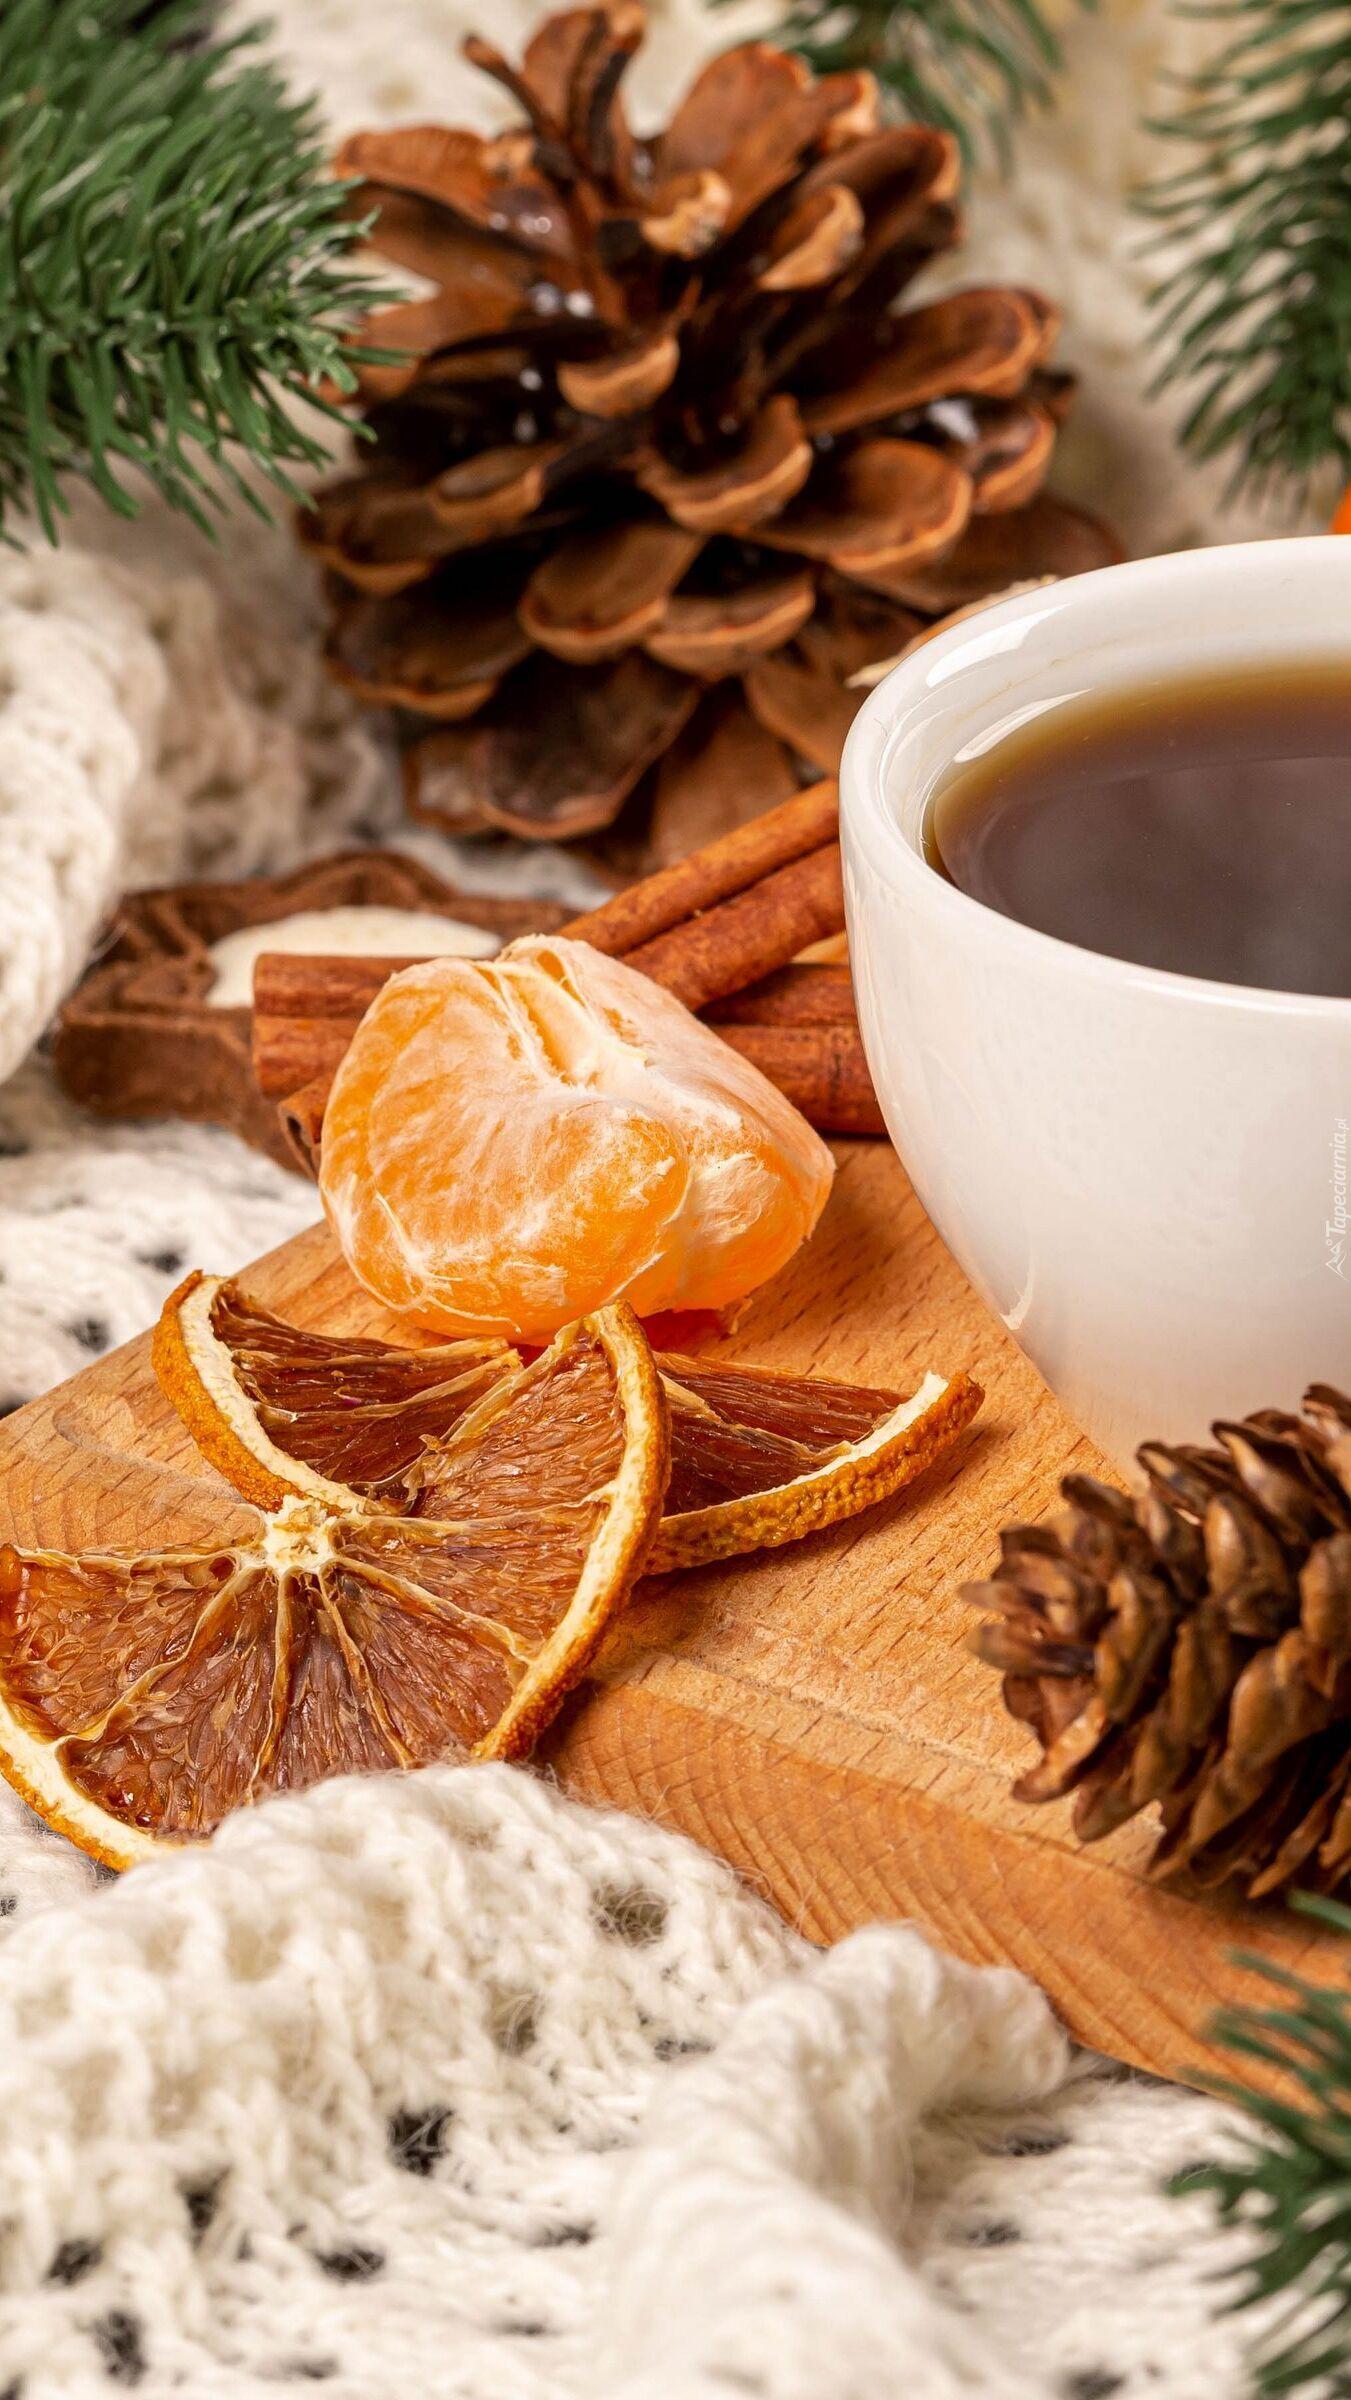 Szyszki obok filiżanki kawy